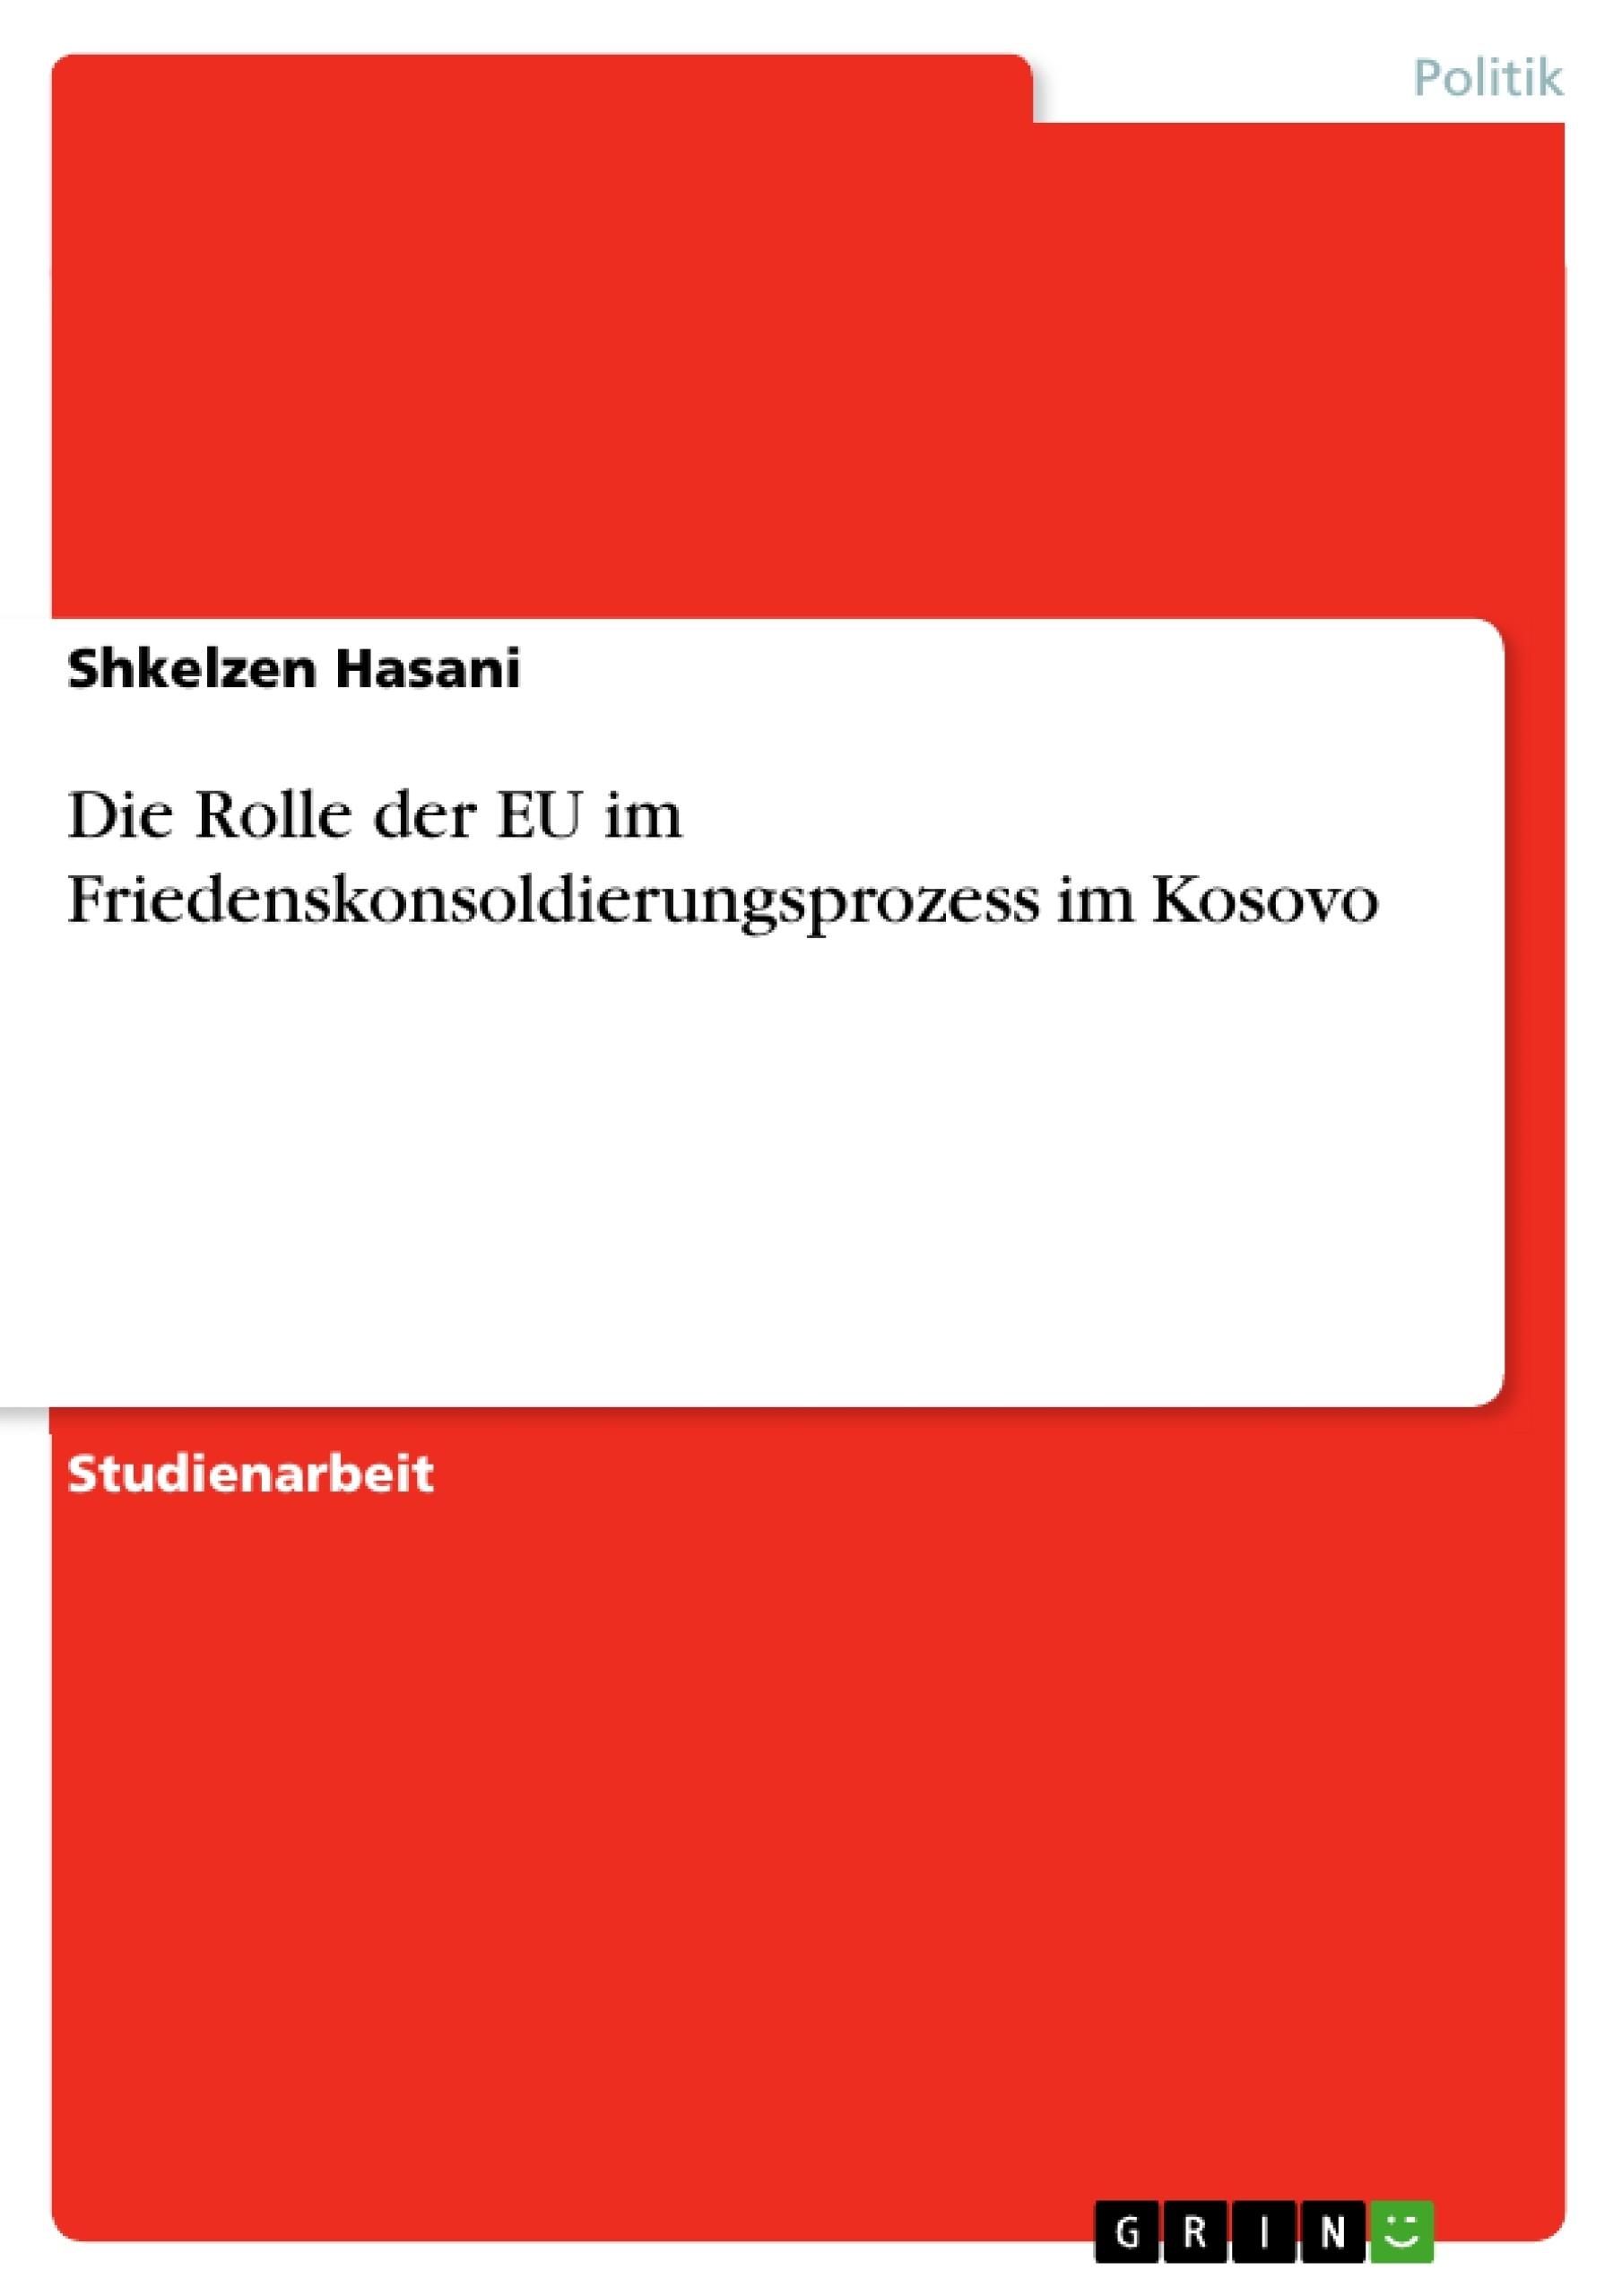 Titel: Die Rolle der EU im Friedenskonsoldierungsprozess im Kosovo